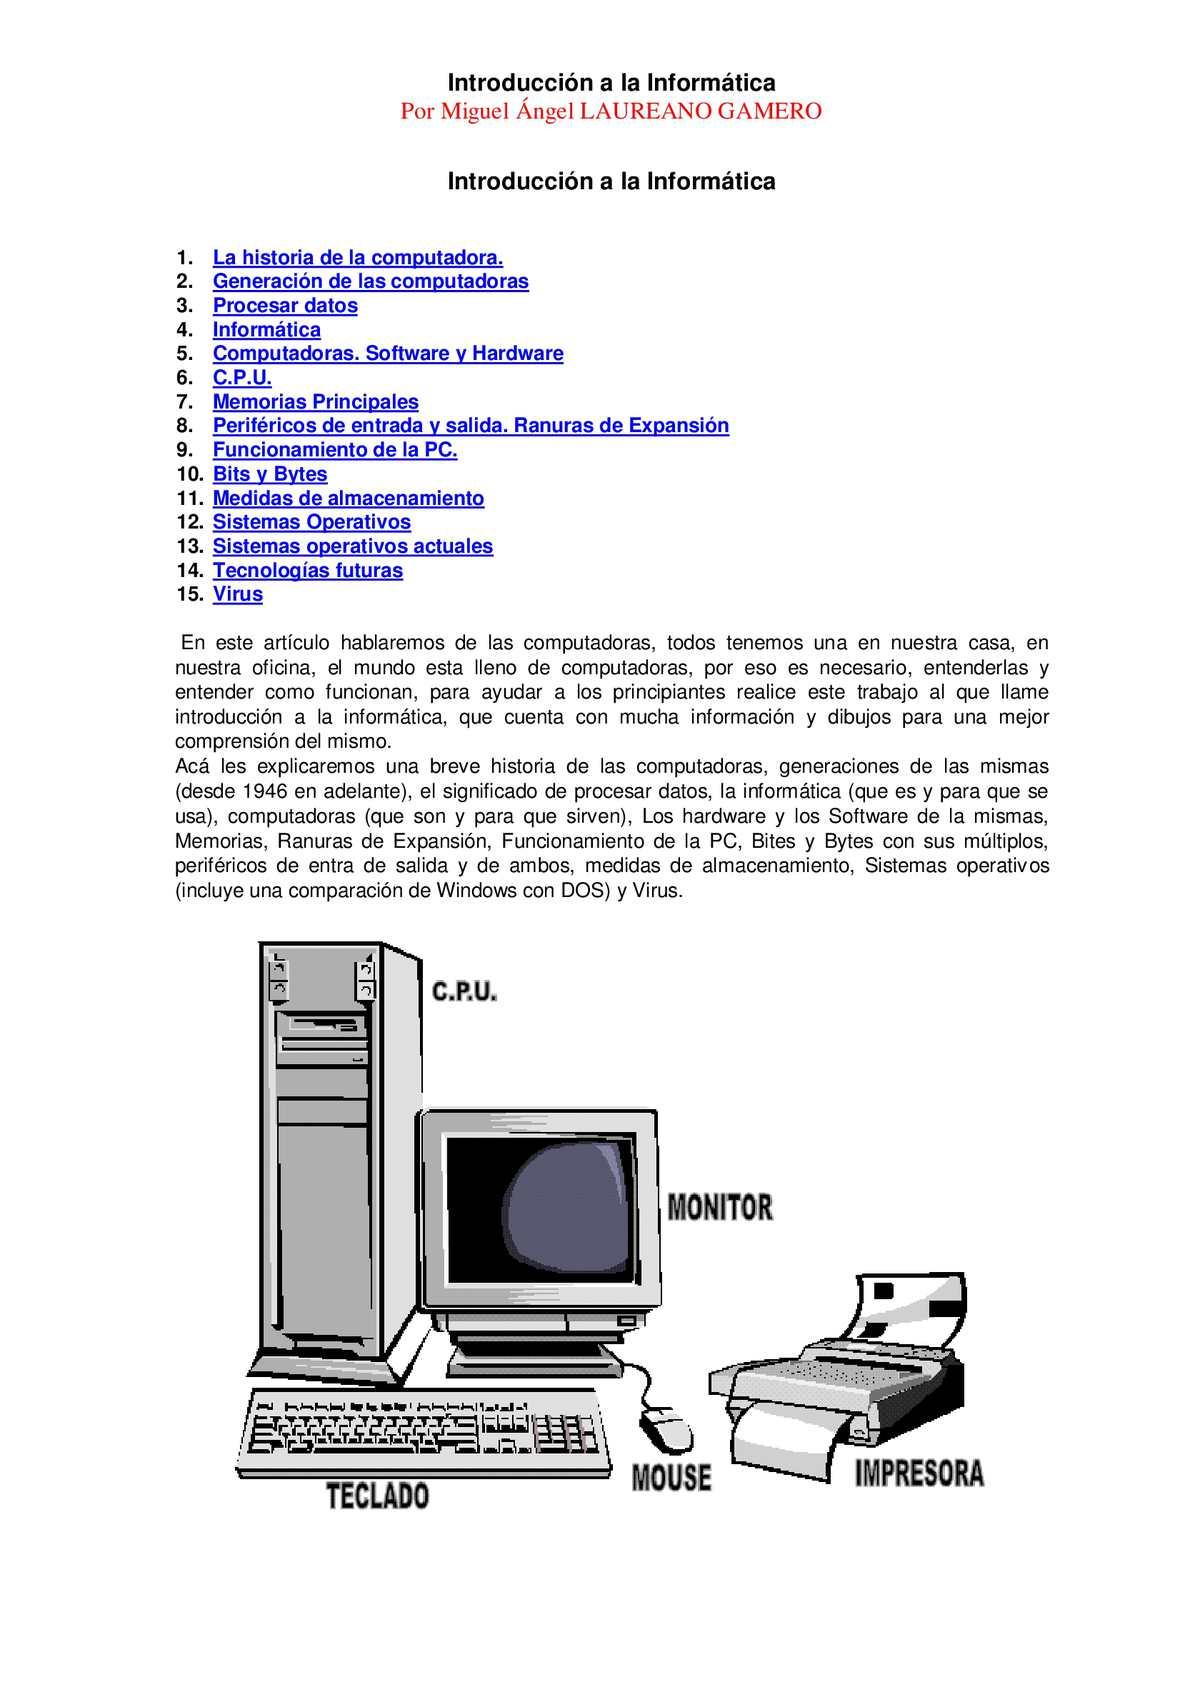 Calaméo - introduccion_informatica